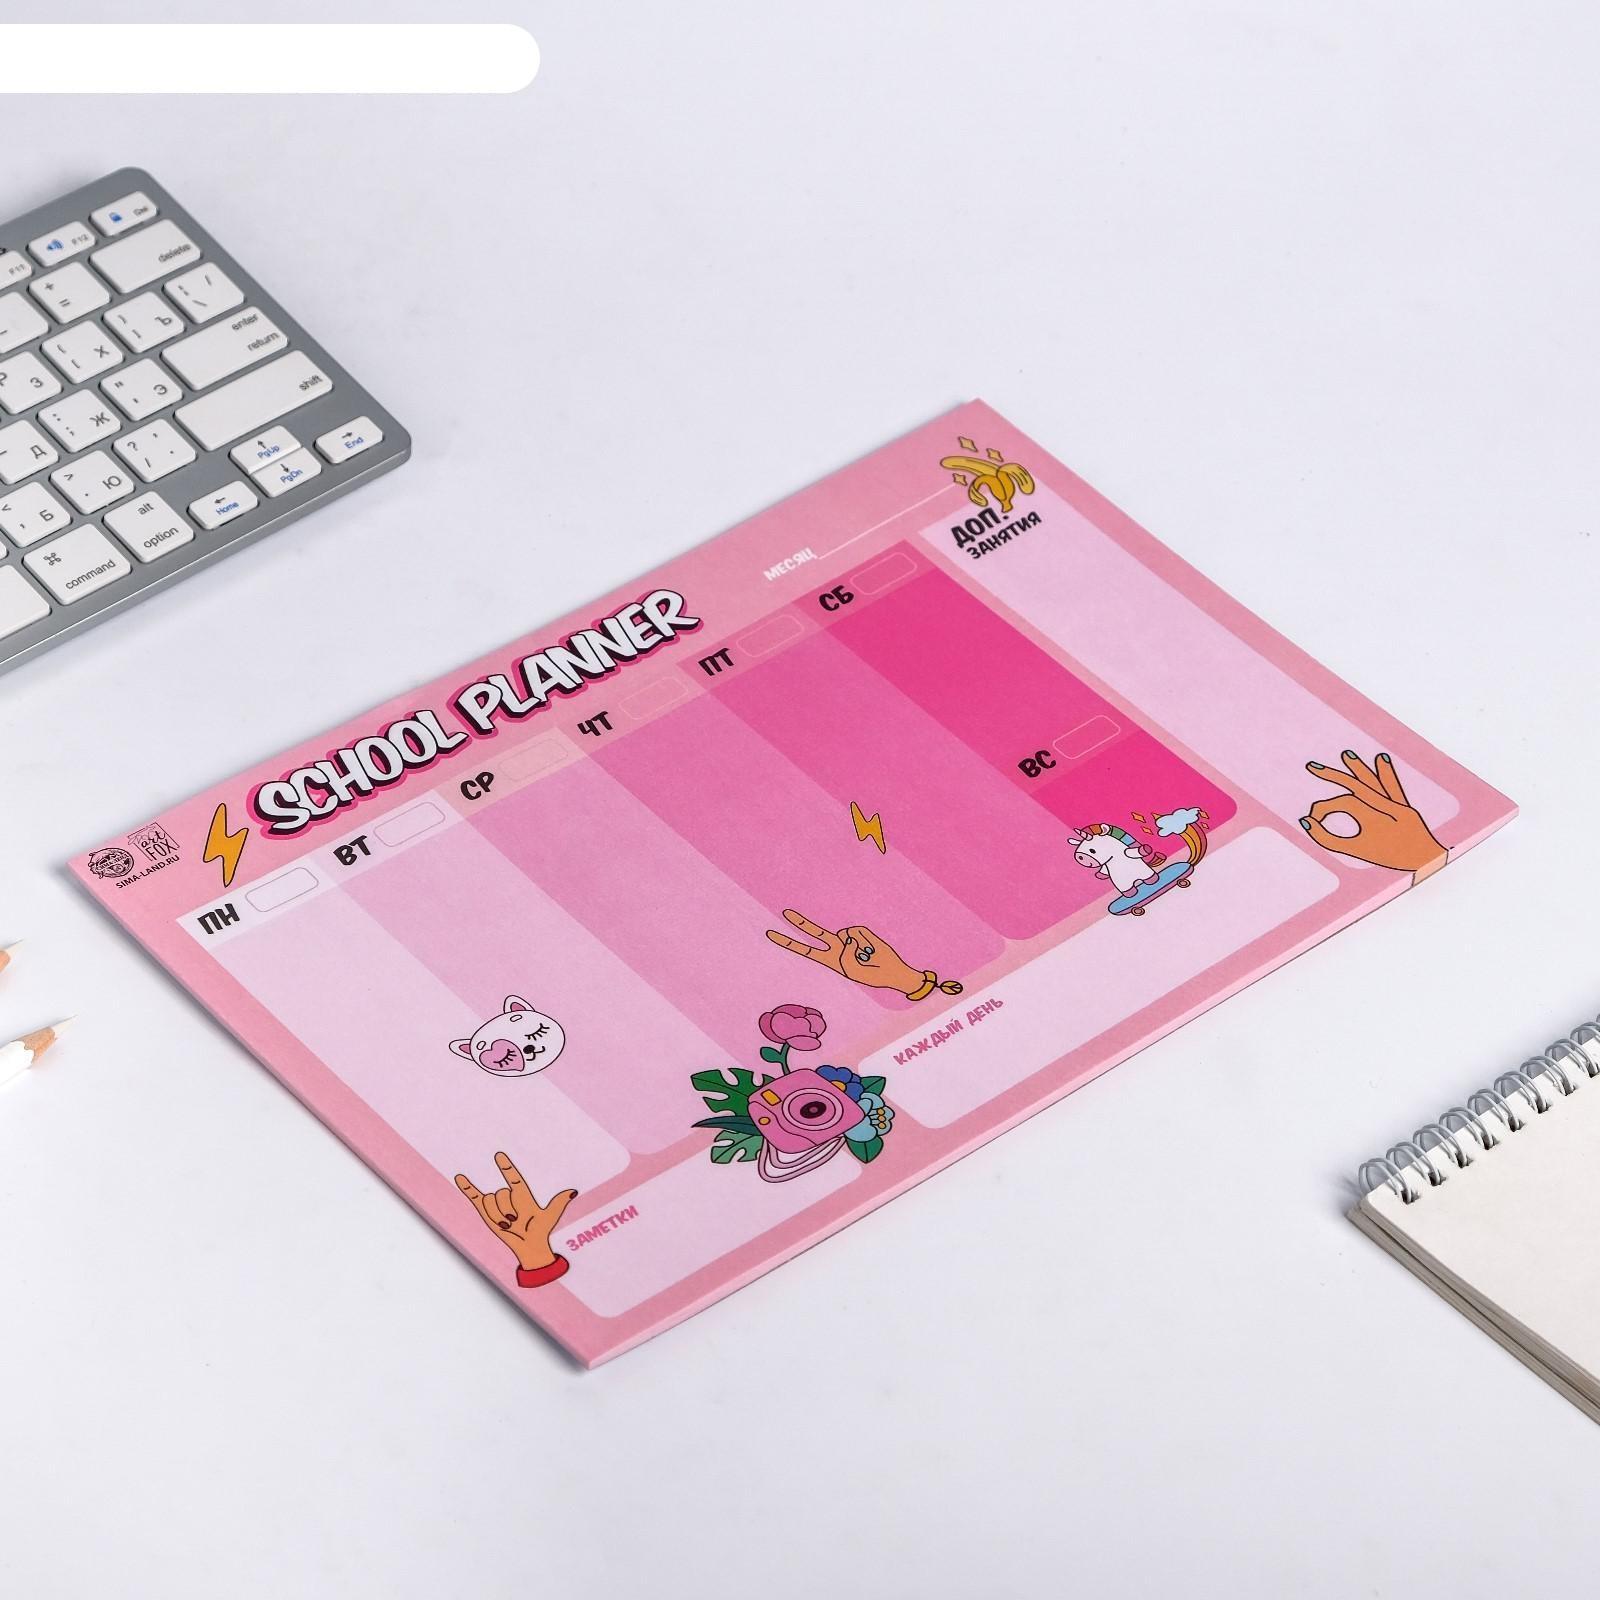 Изготовление календарей-планингов на заказ